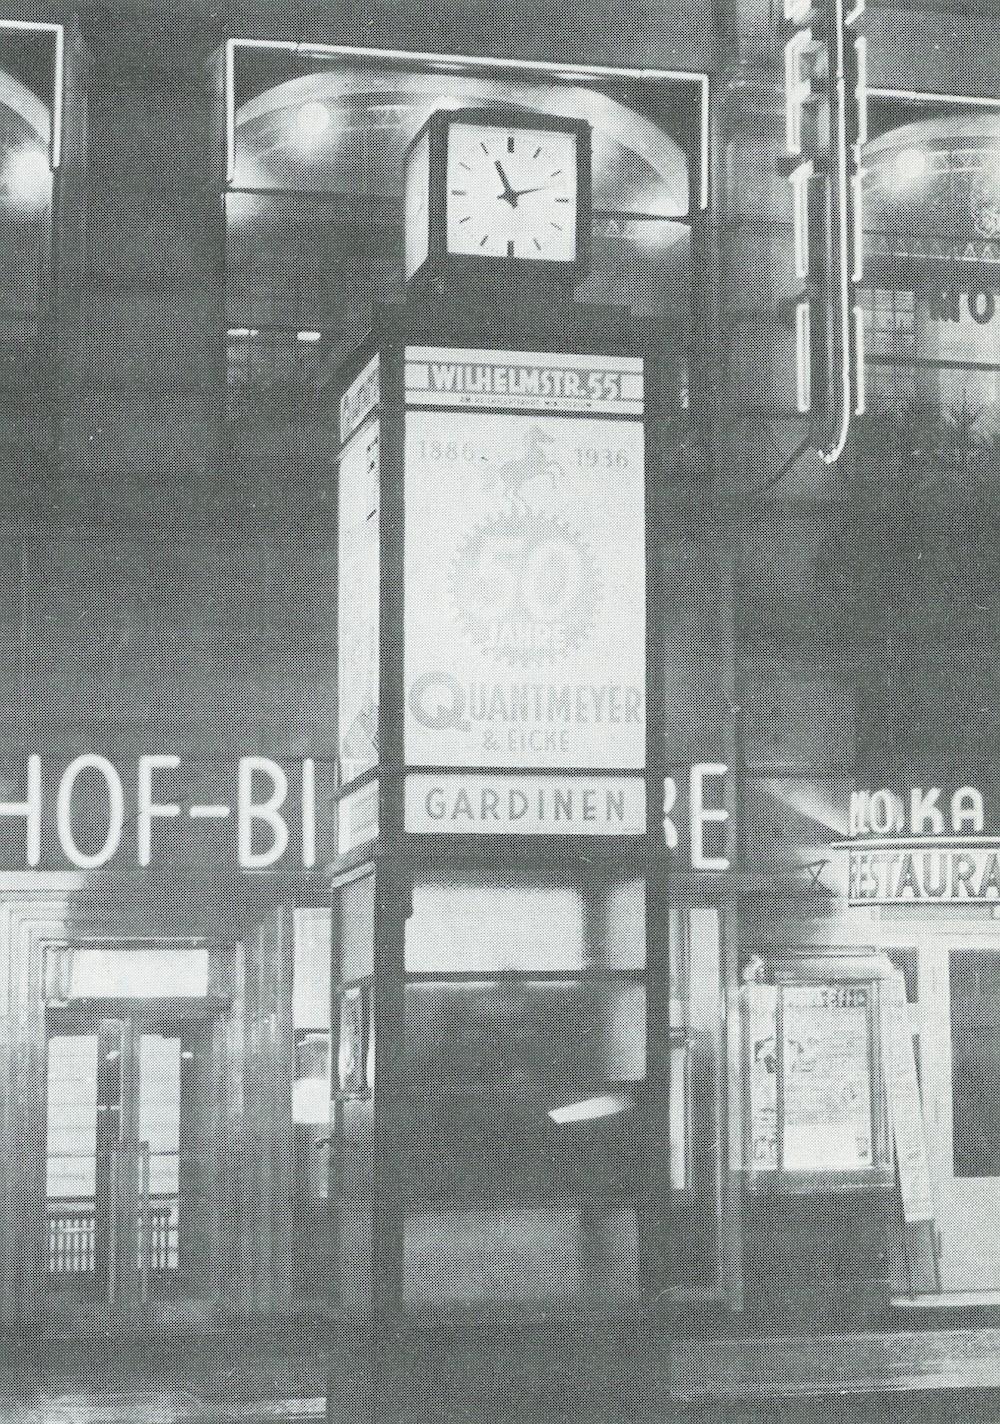 Berlino, tipologia di colonna orologio in funzione fino agli anni Sessanta del '900